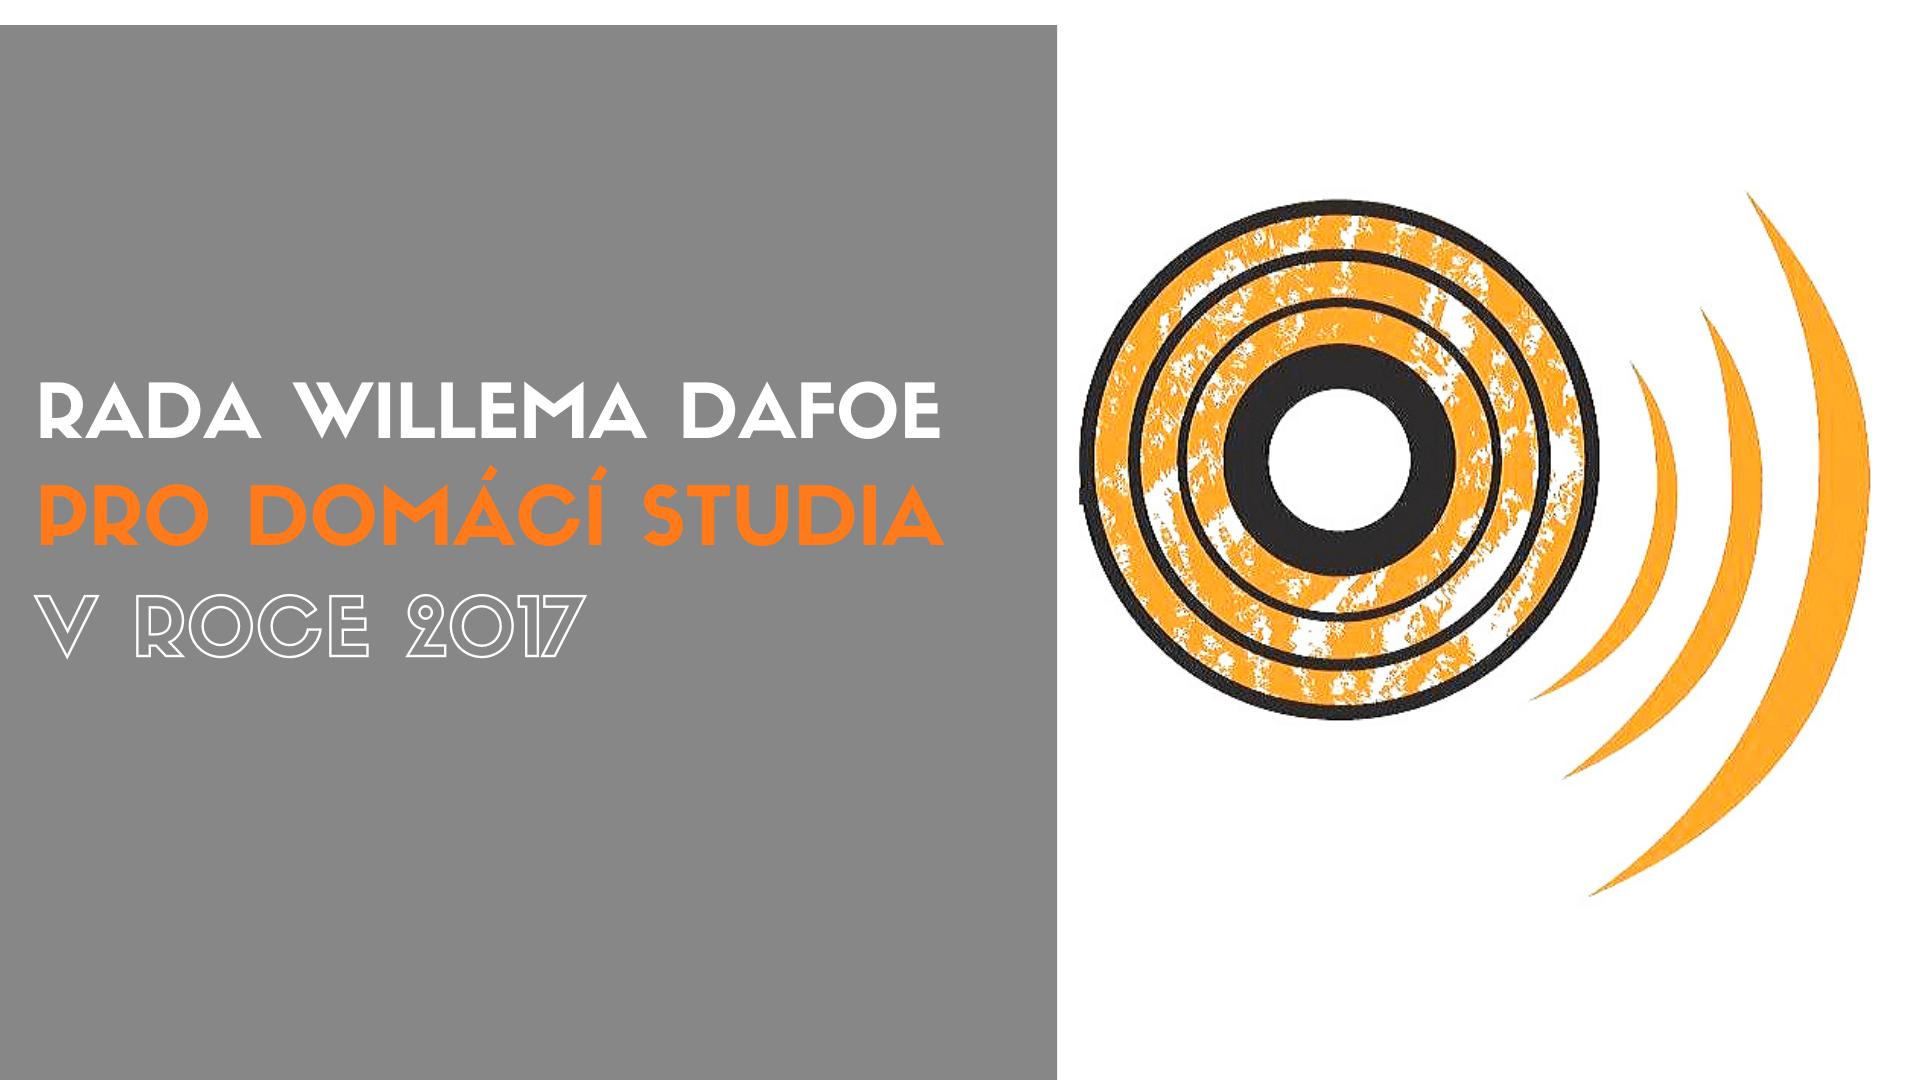 Rada Willema Dafoe pro domácí studia v novém roce 2017